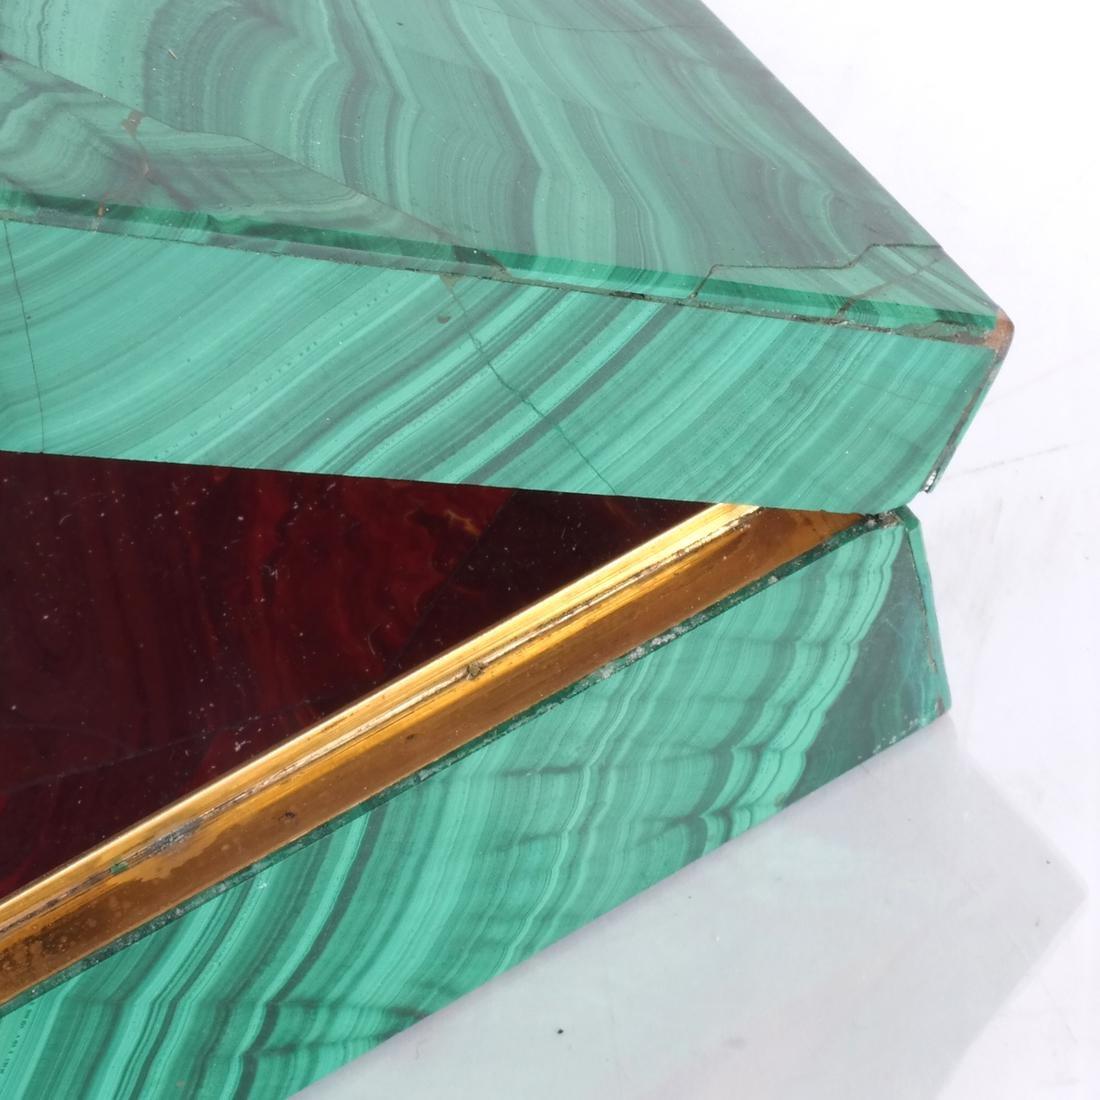 Russian Malachite Box - Red Jasper Interior - 3